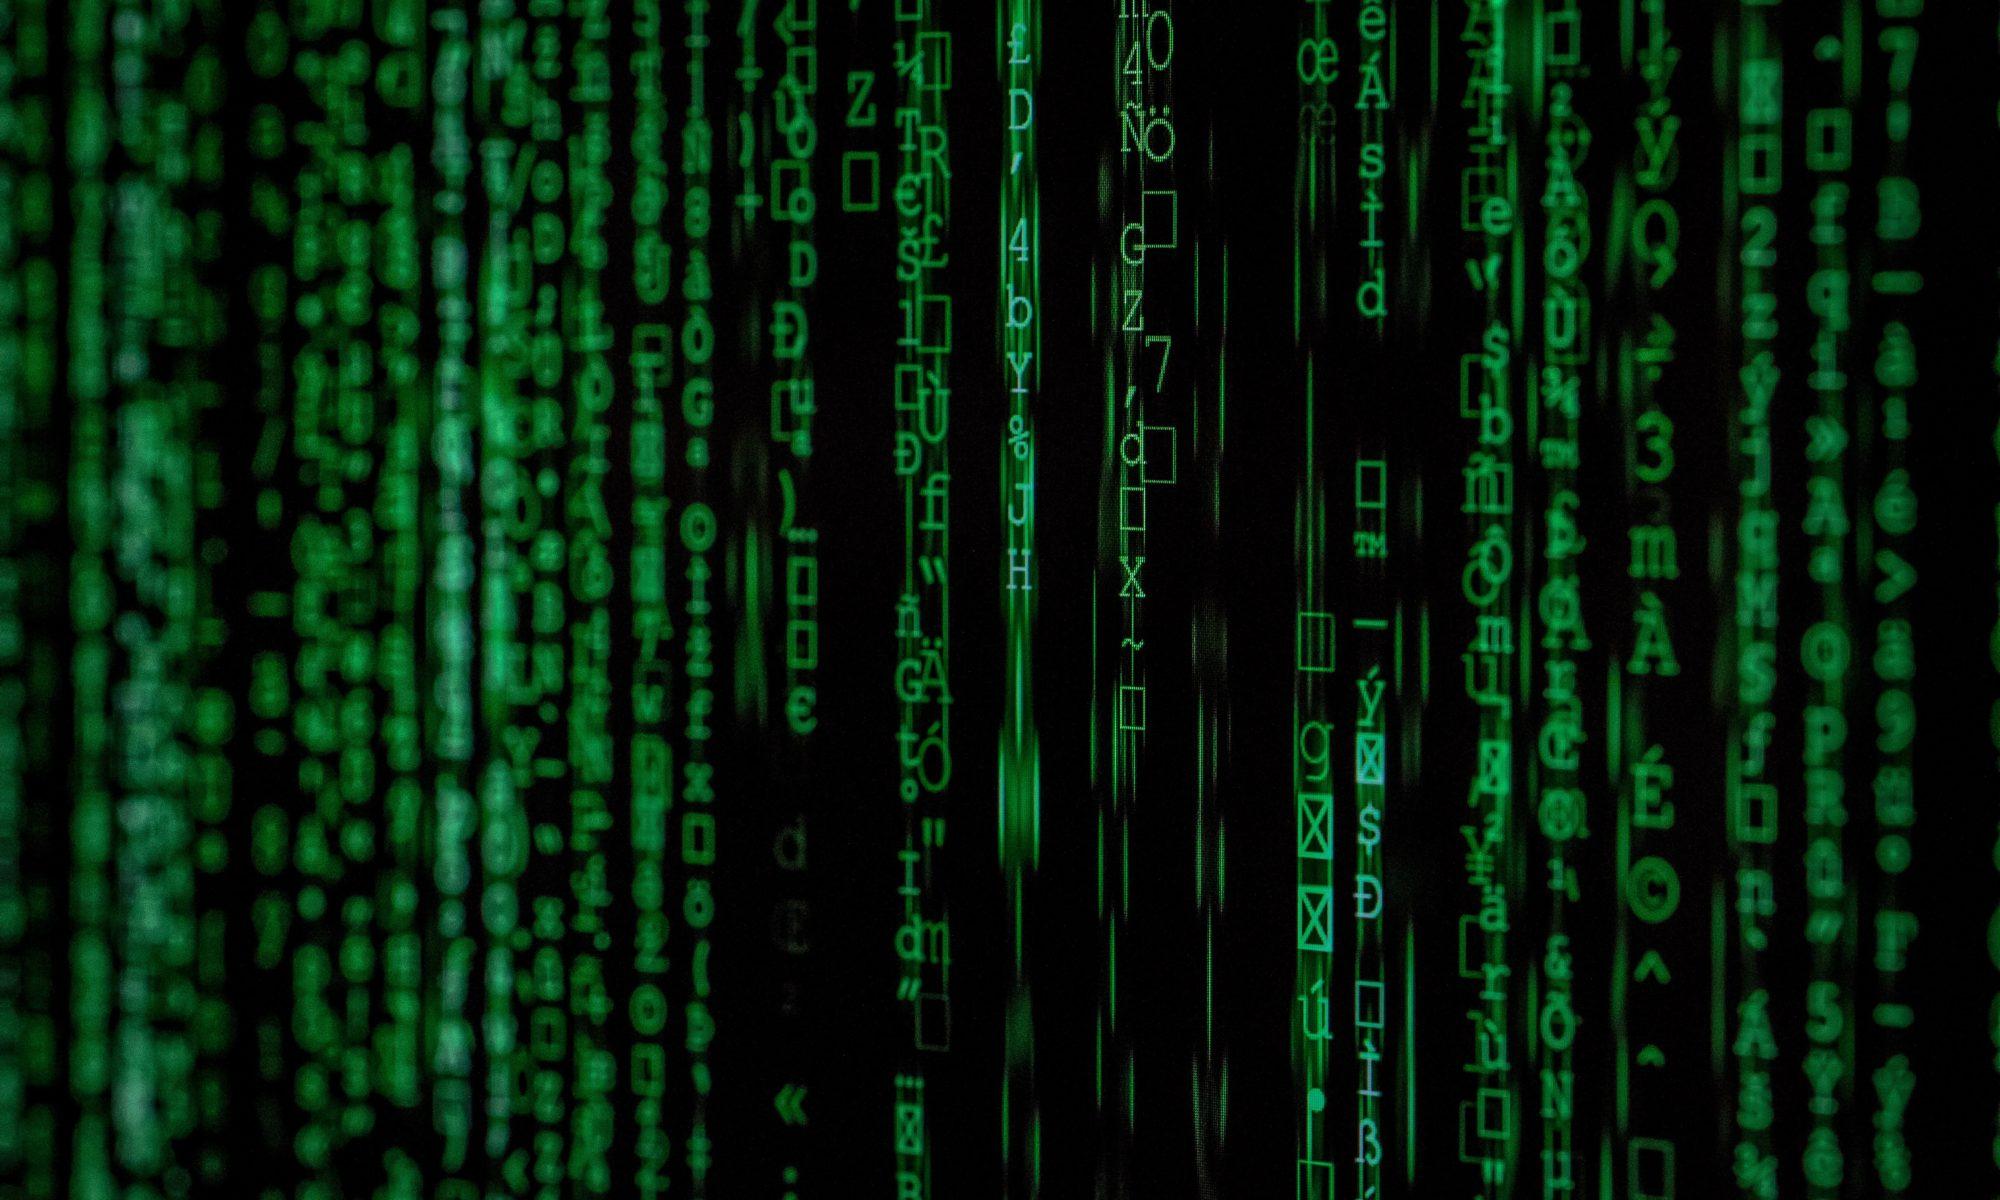 Symbolbild Darknet Recherchen für VICE